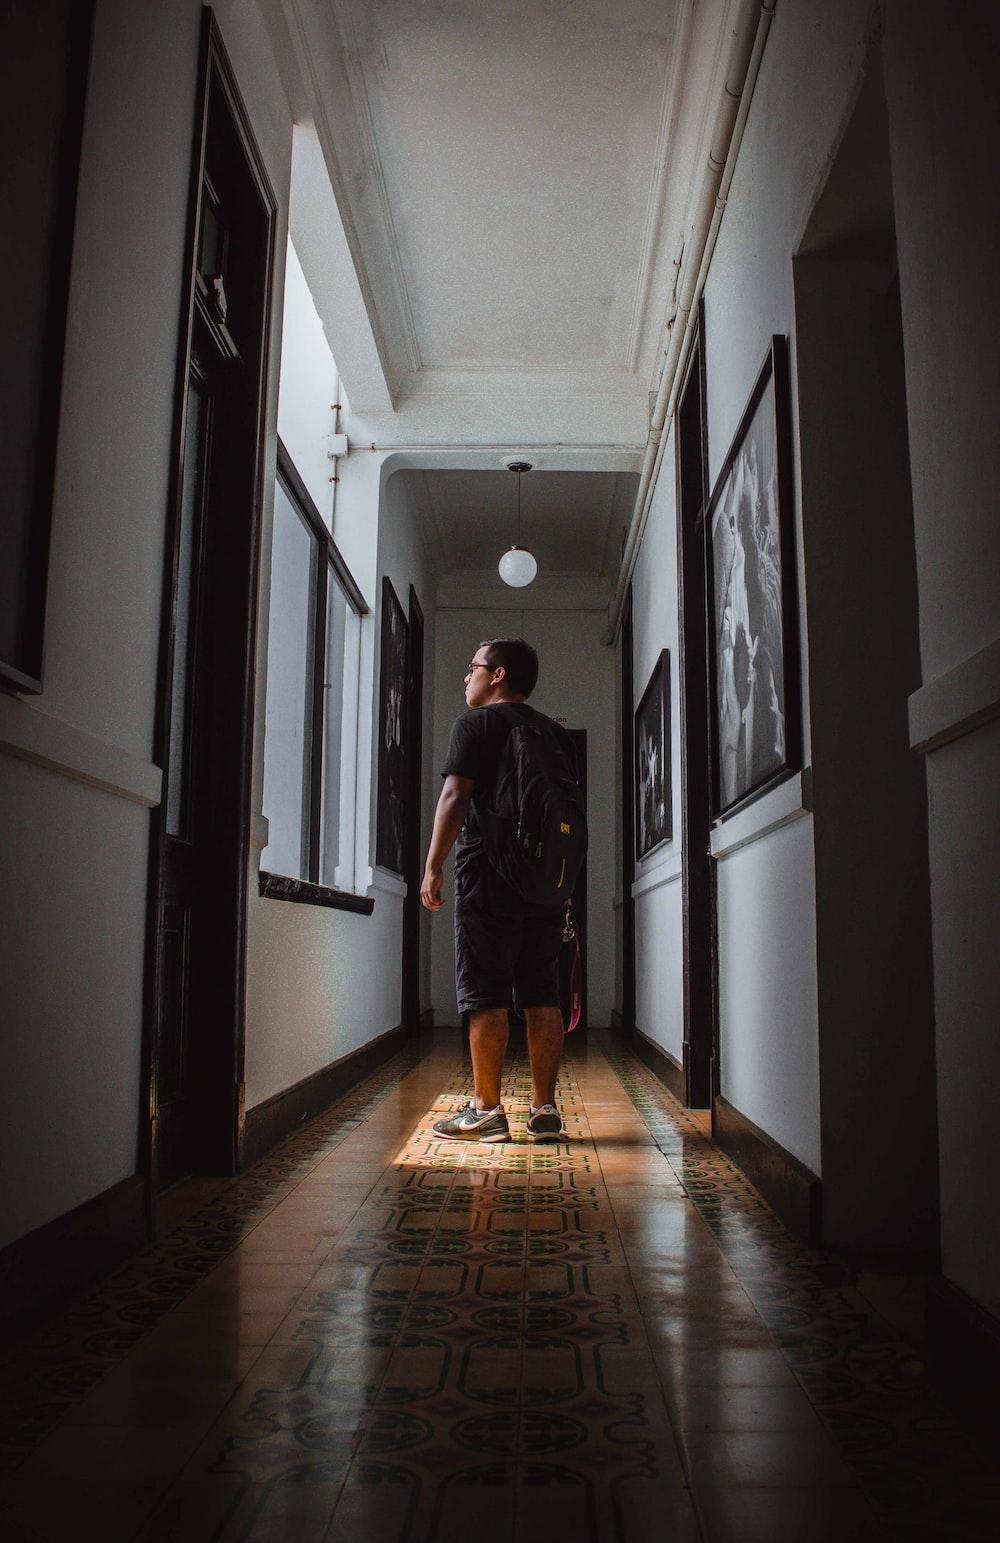 man in gray long sleeve shirt walking on hallway